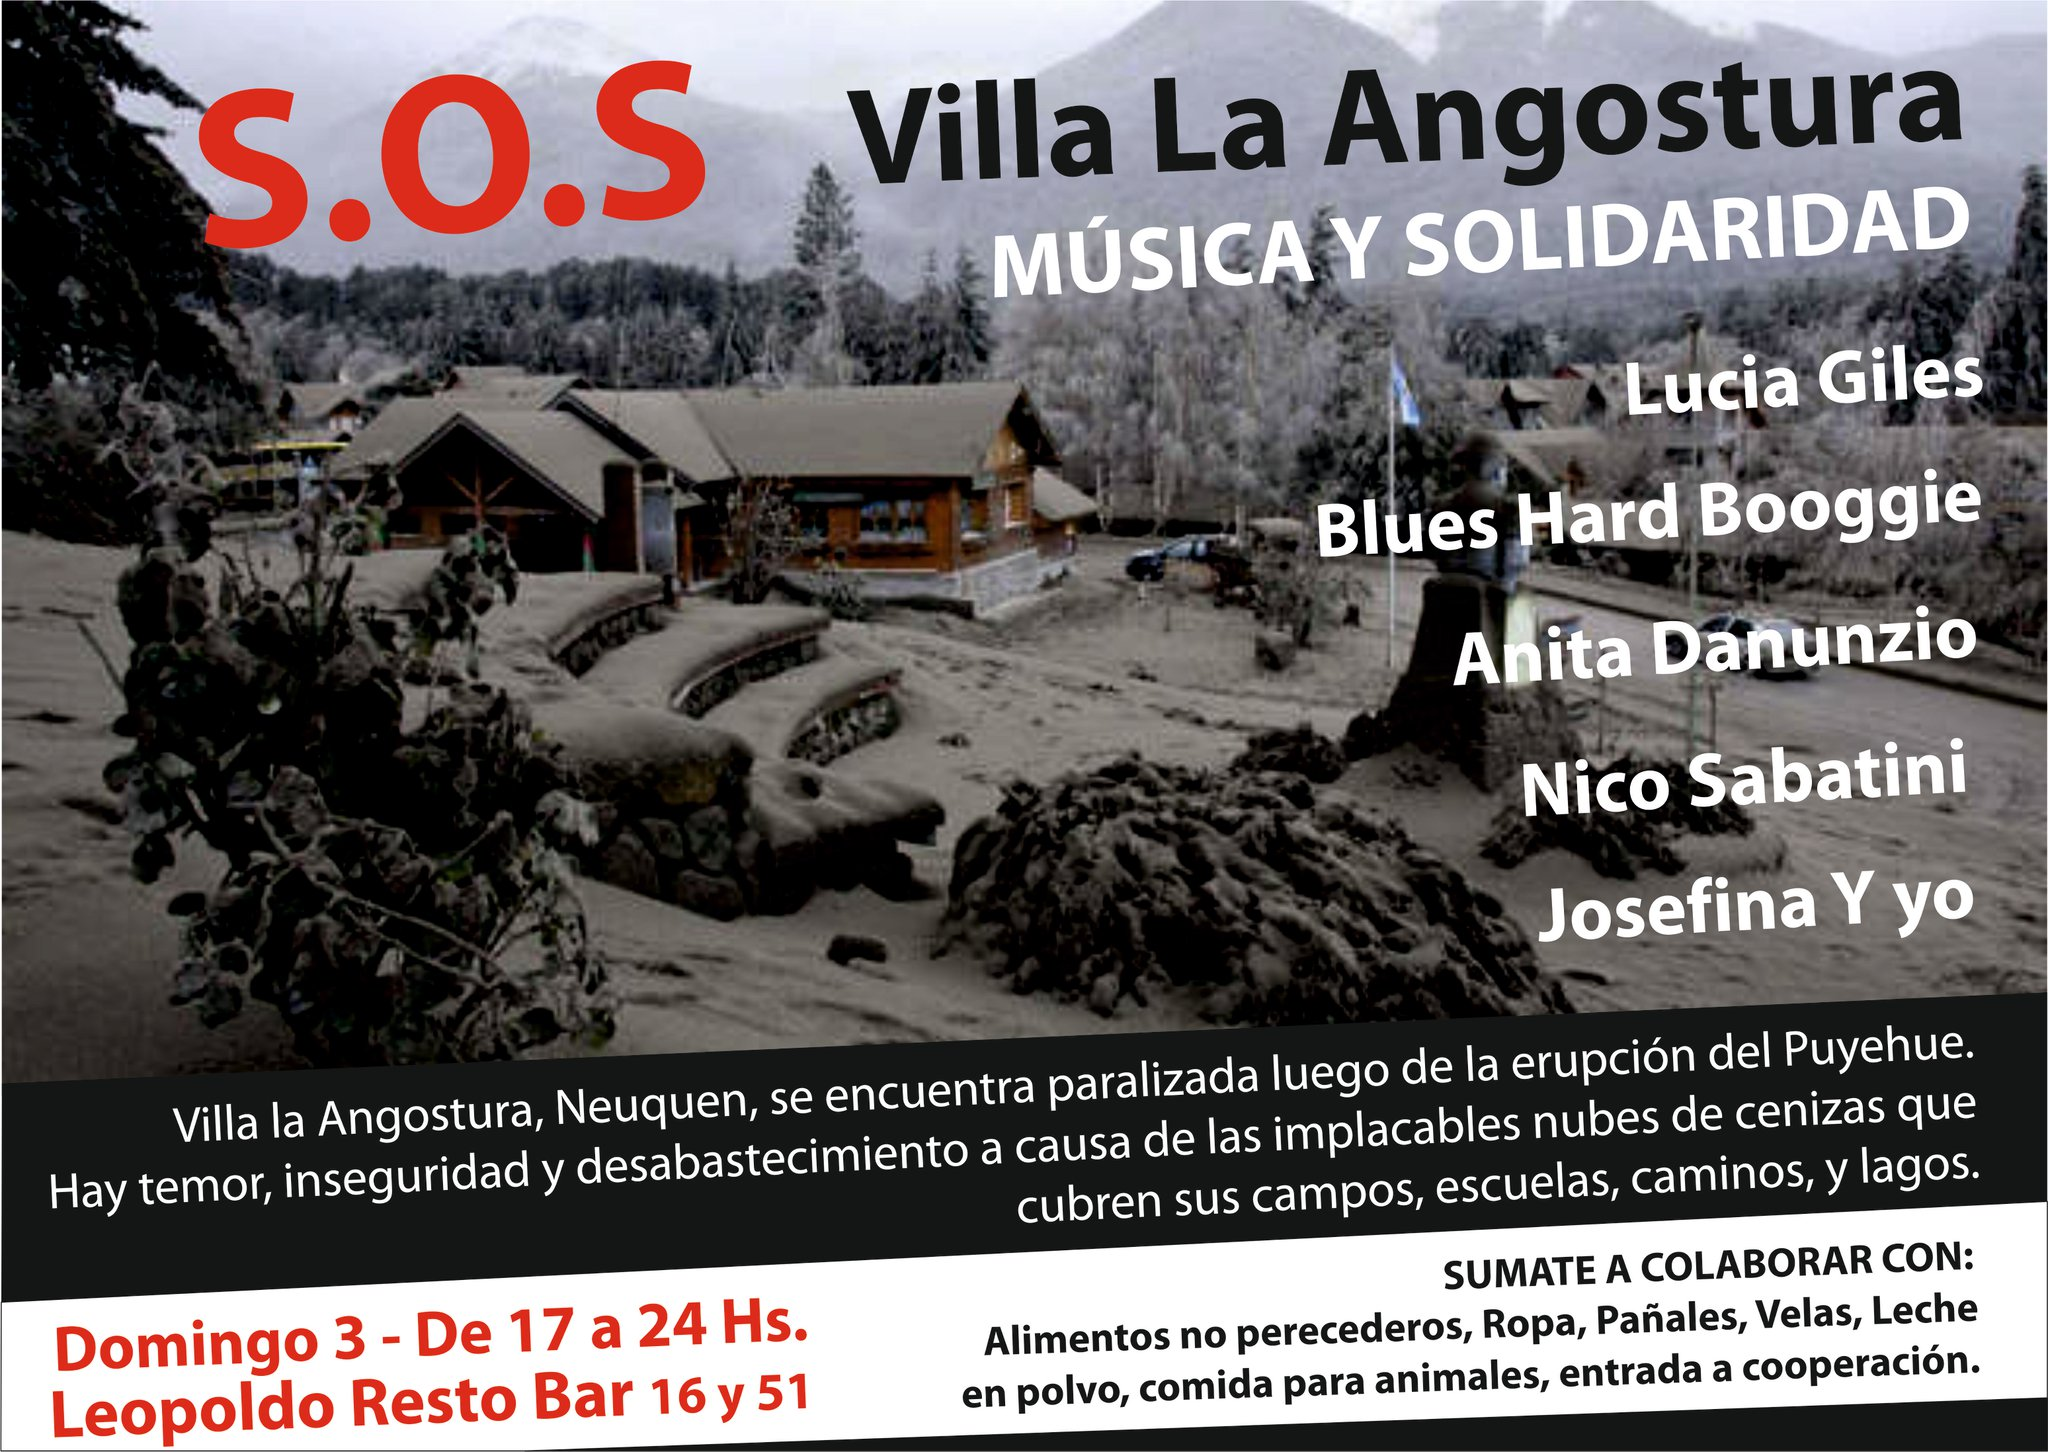 Música y solidaridad por Villa La Angostura